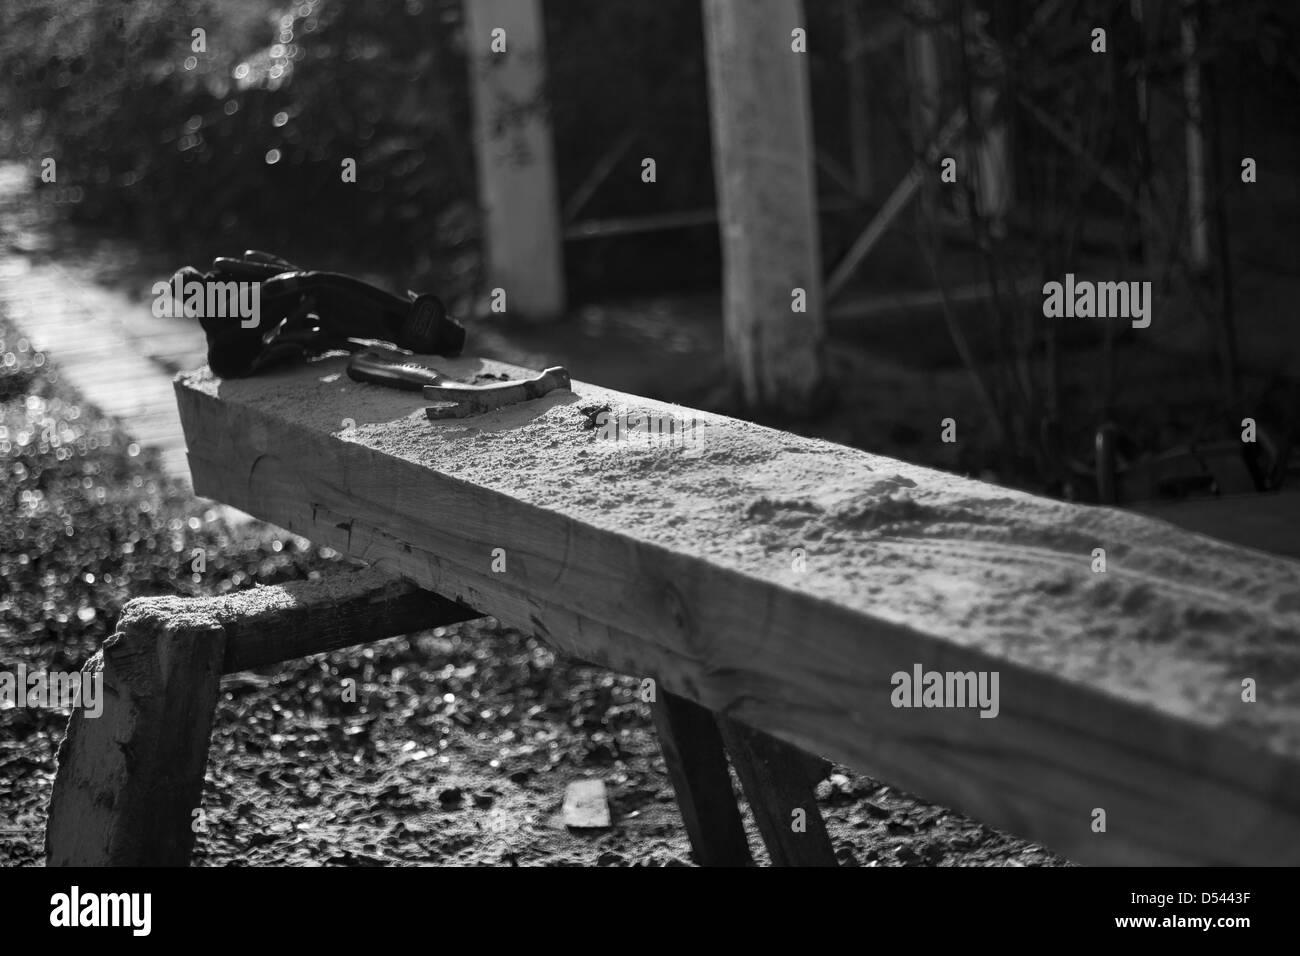 Legno Bianco E Nero : Cucina in vetro laccato bianco e nero piano snack in legno